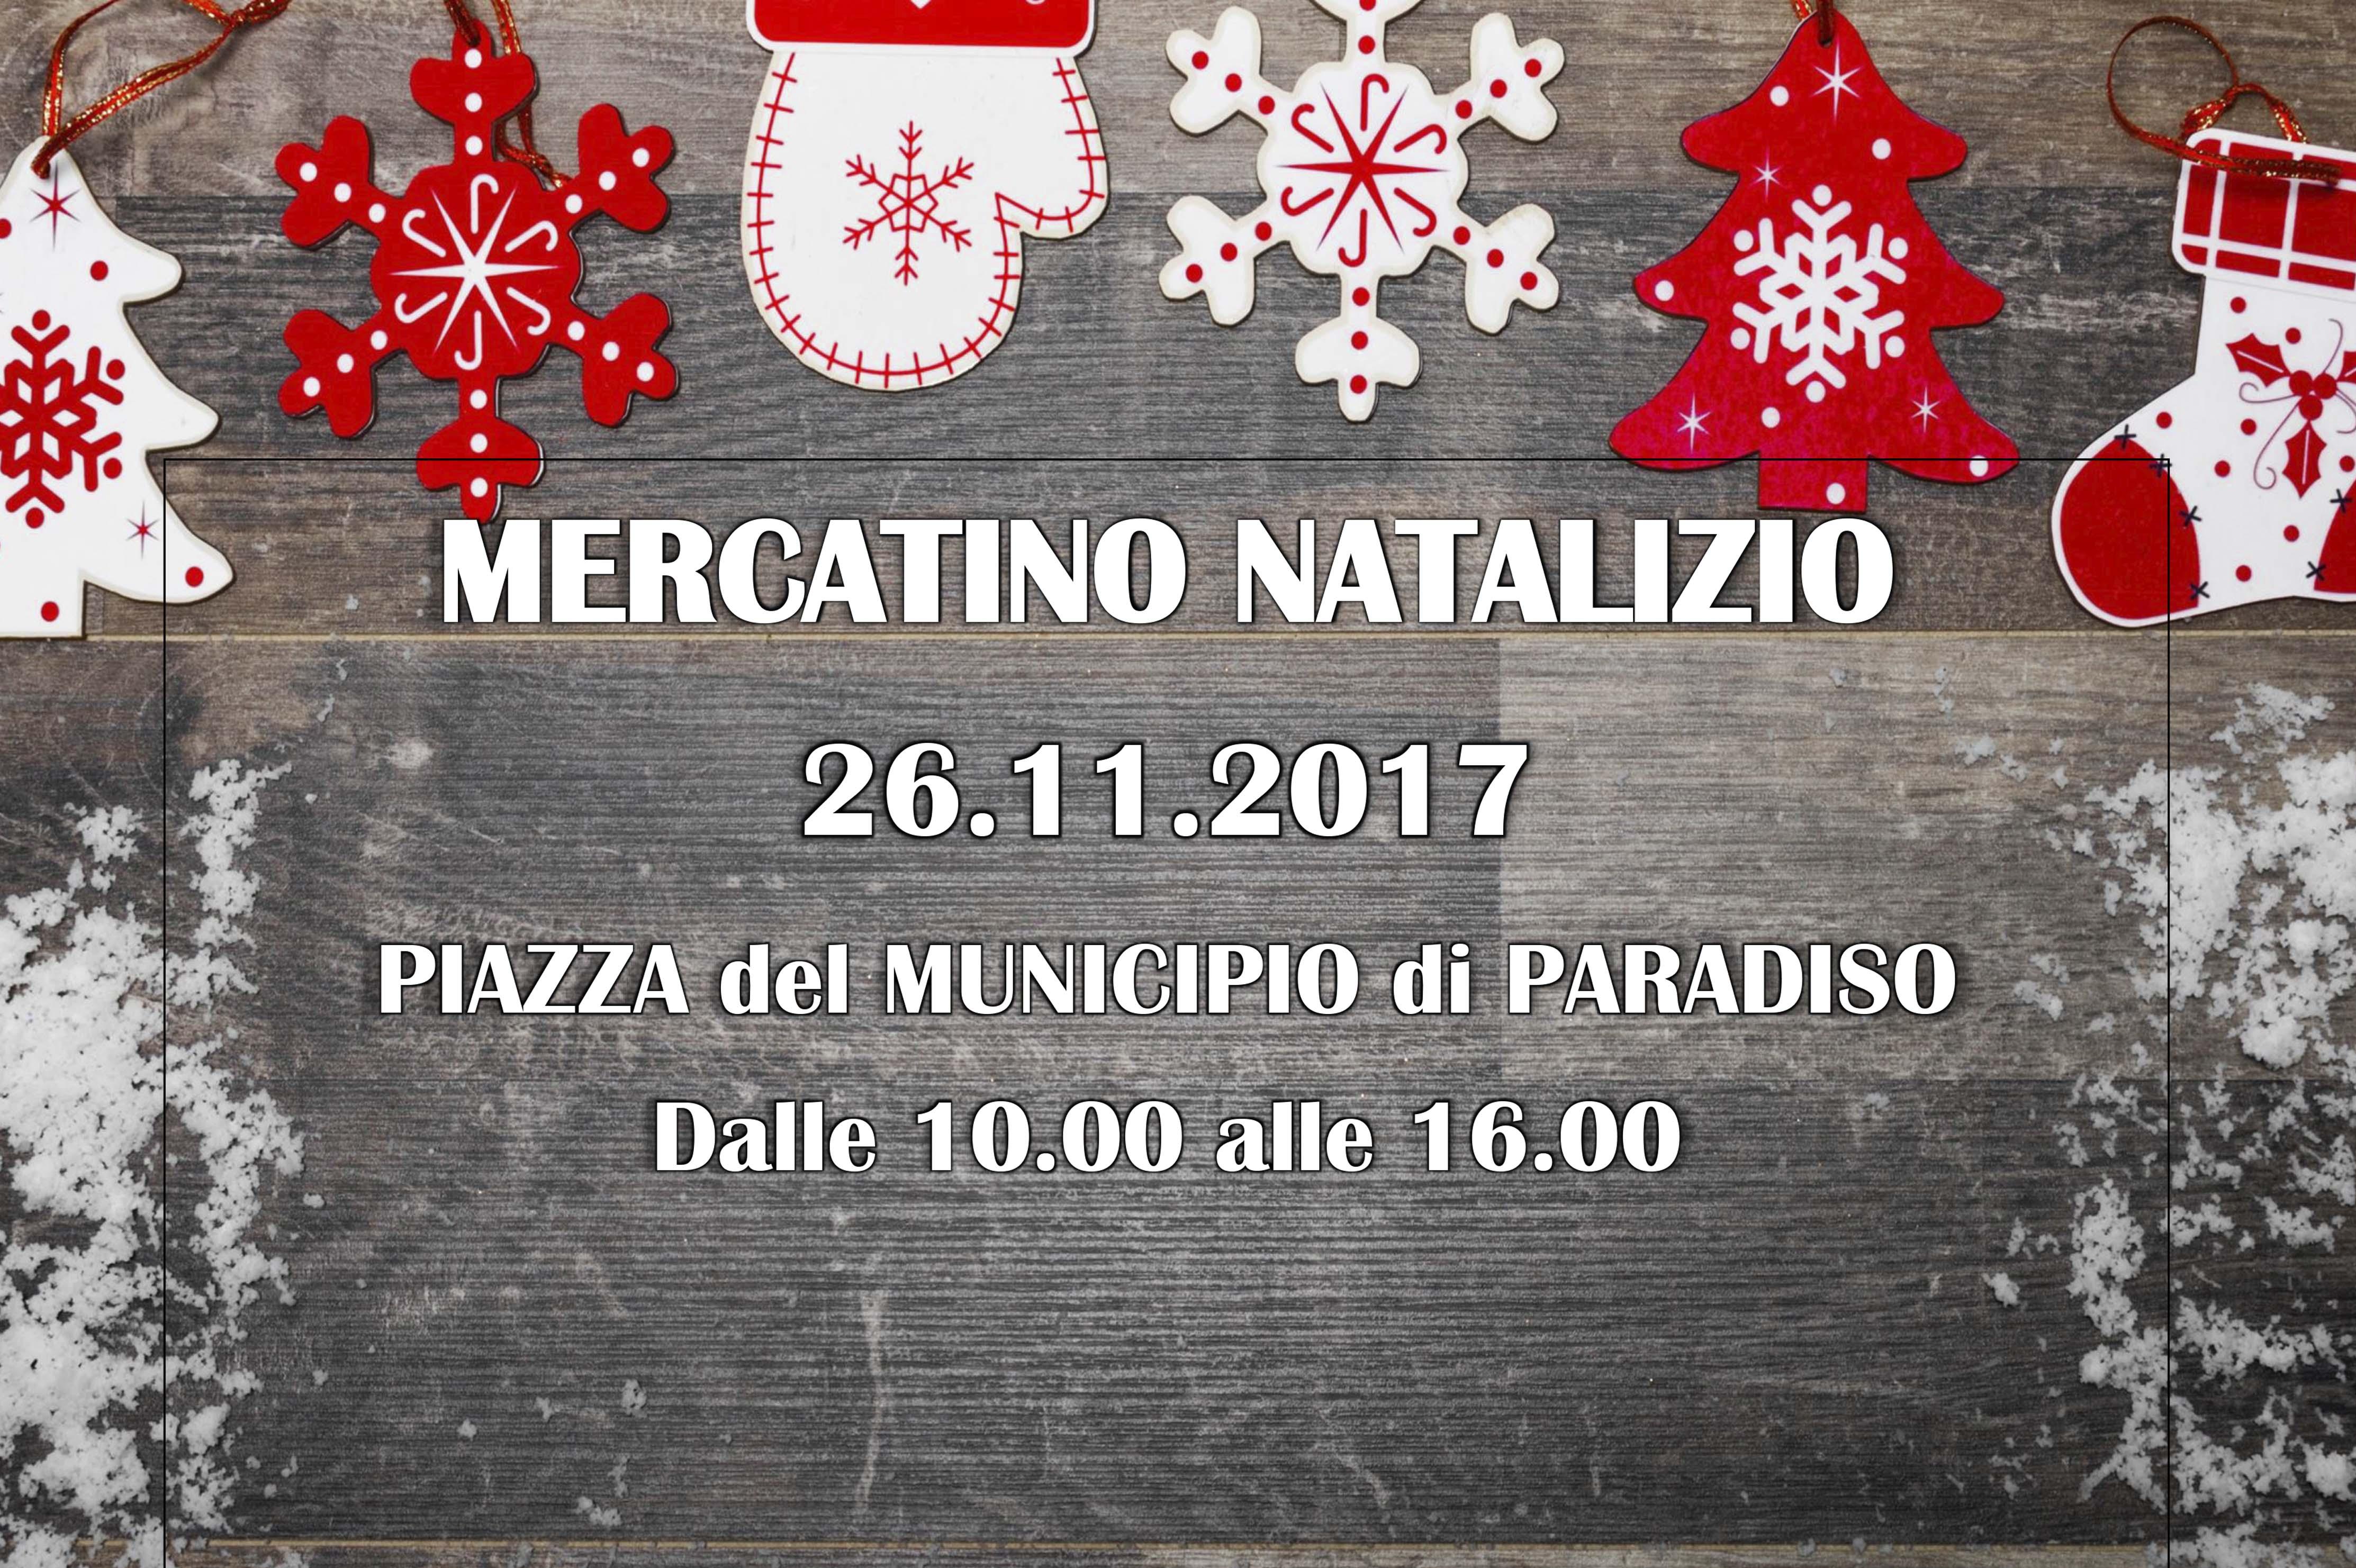 Mercatino Natalizio 2017